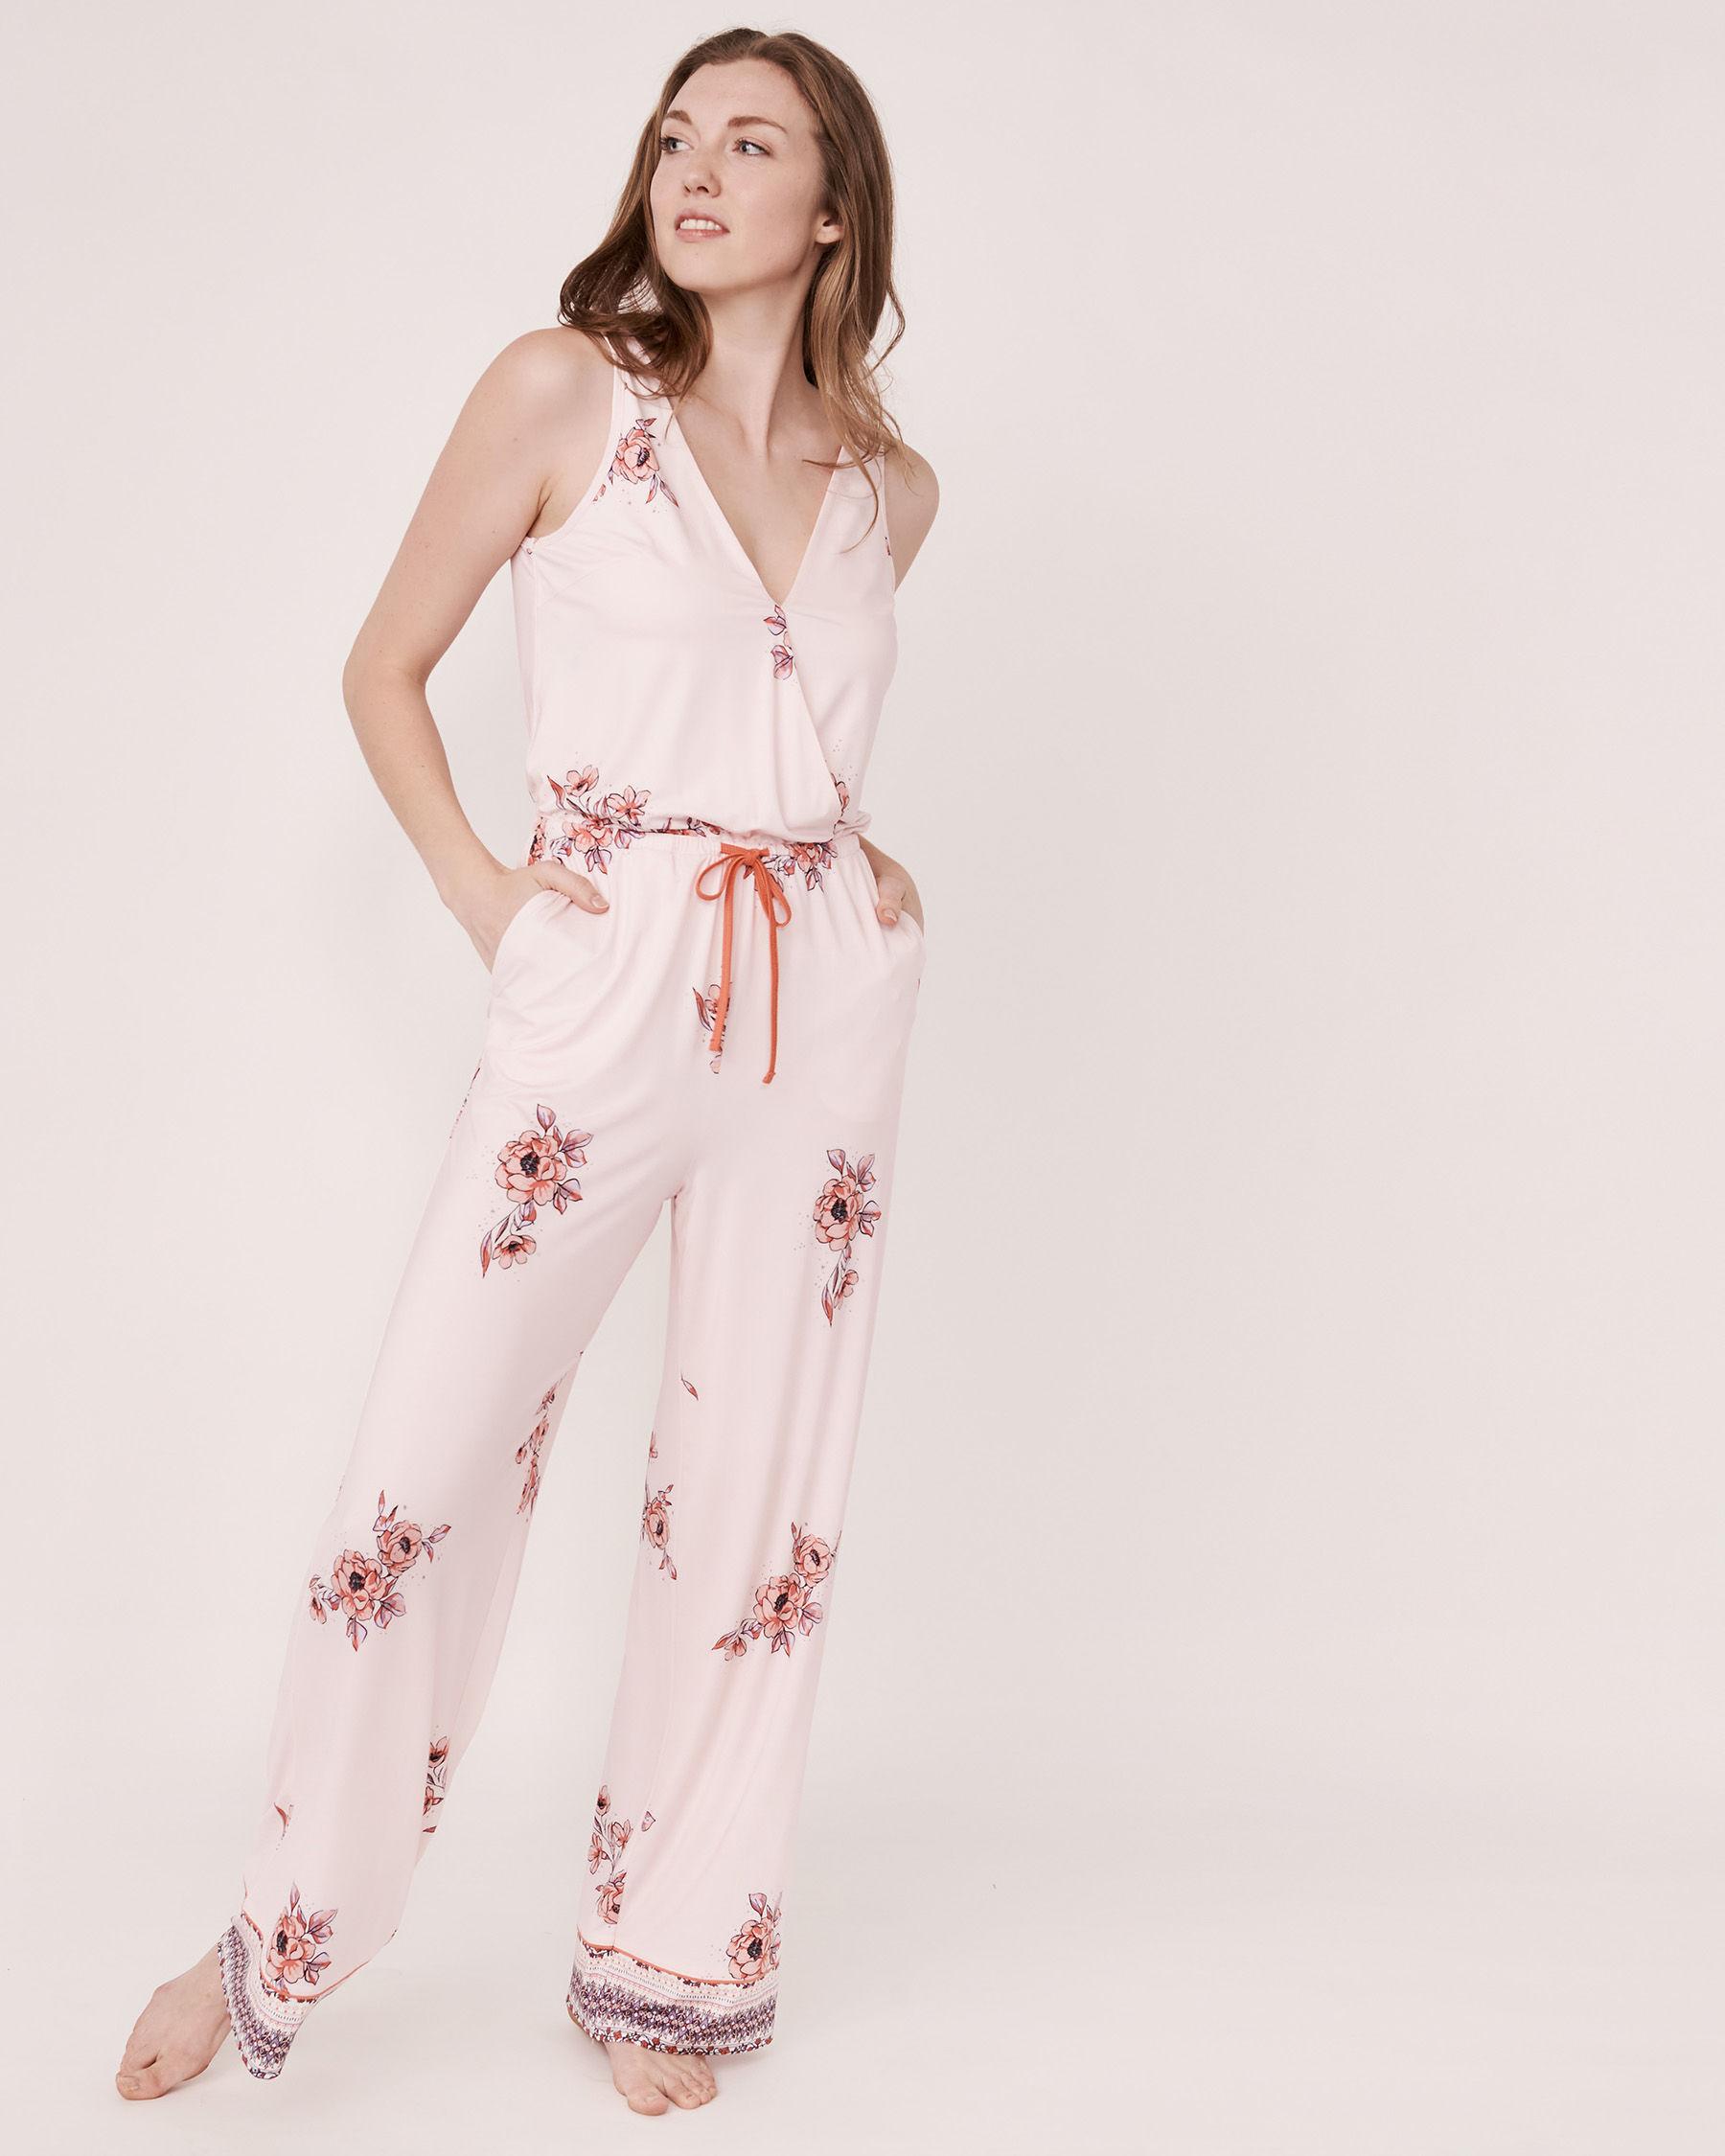 LA VIE EN ROSE Combinaison longue jambe large en fibres recyclées Imprimé floral 40300014 - Voir1